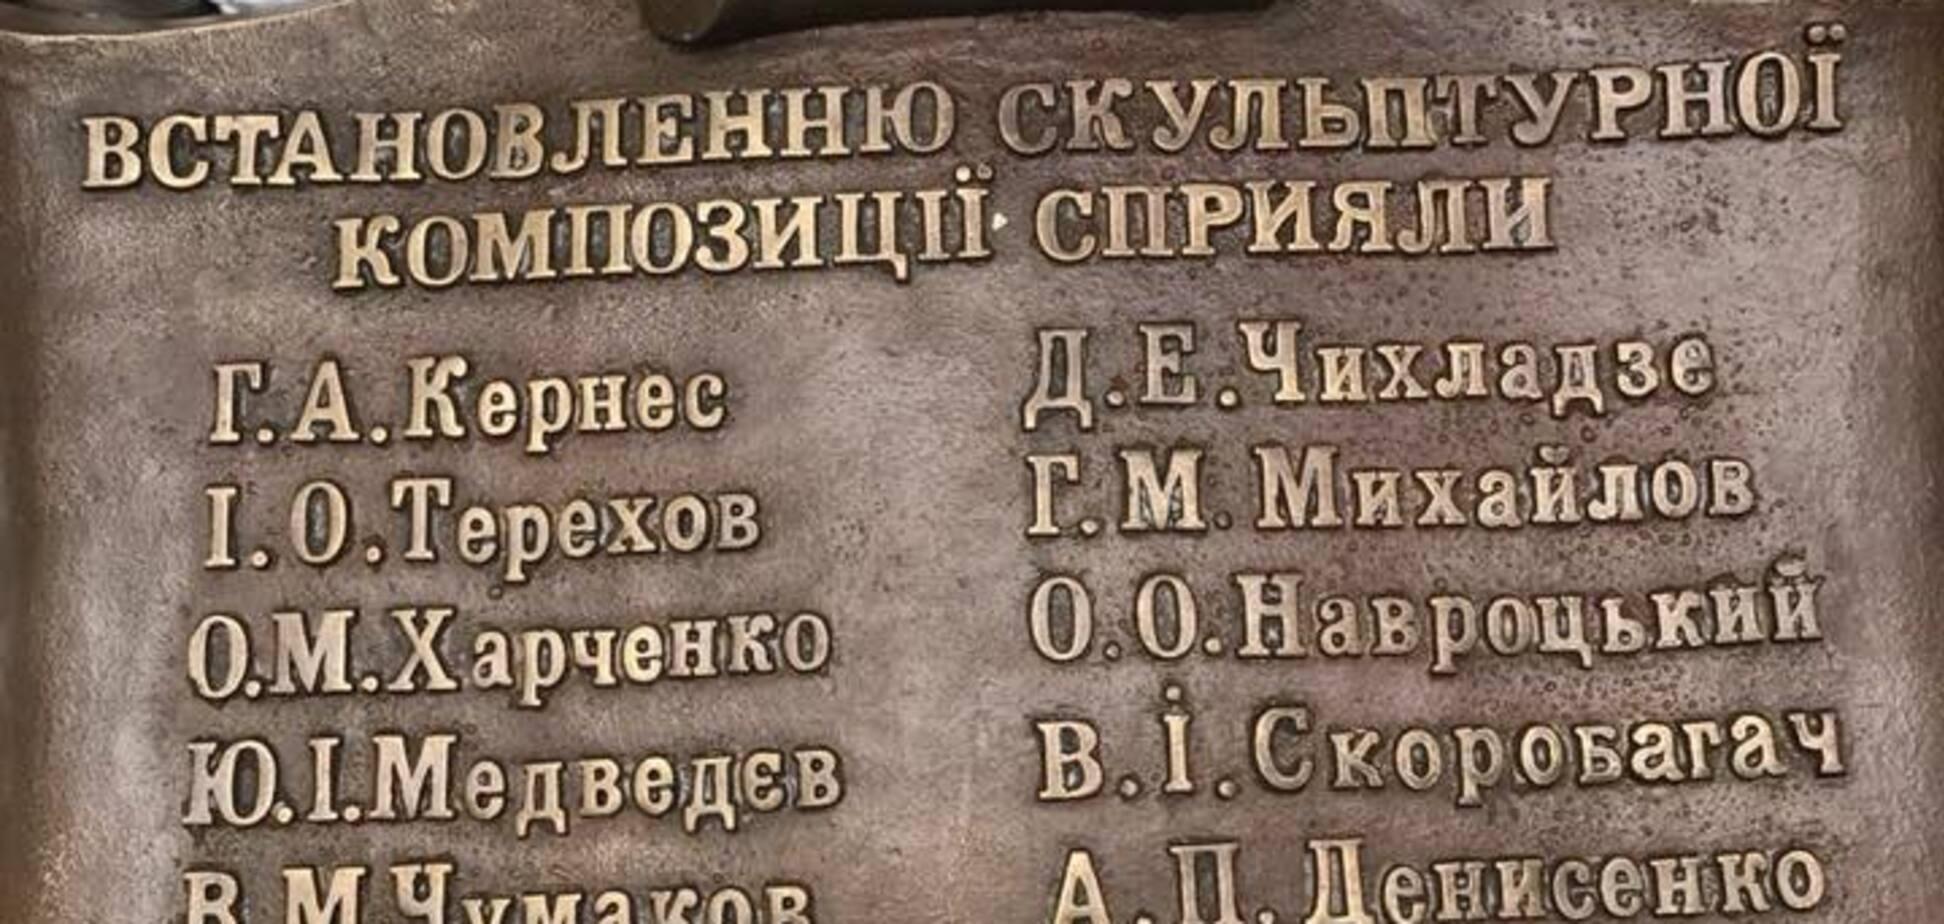 Конфуз із пам'ятником актрисі з РФ у Харкові: стало відомо результат